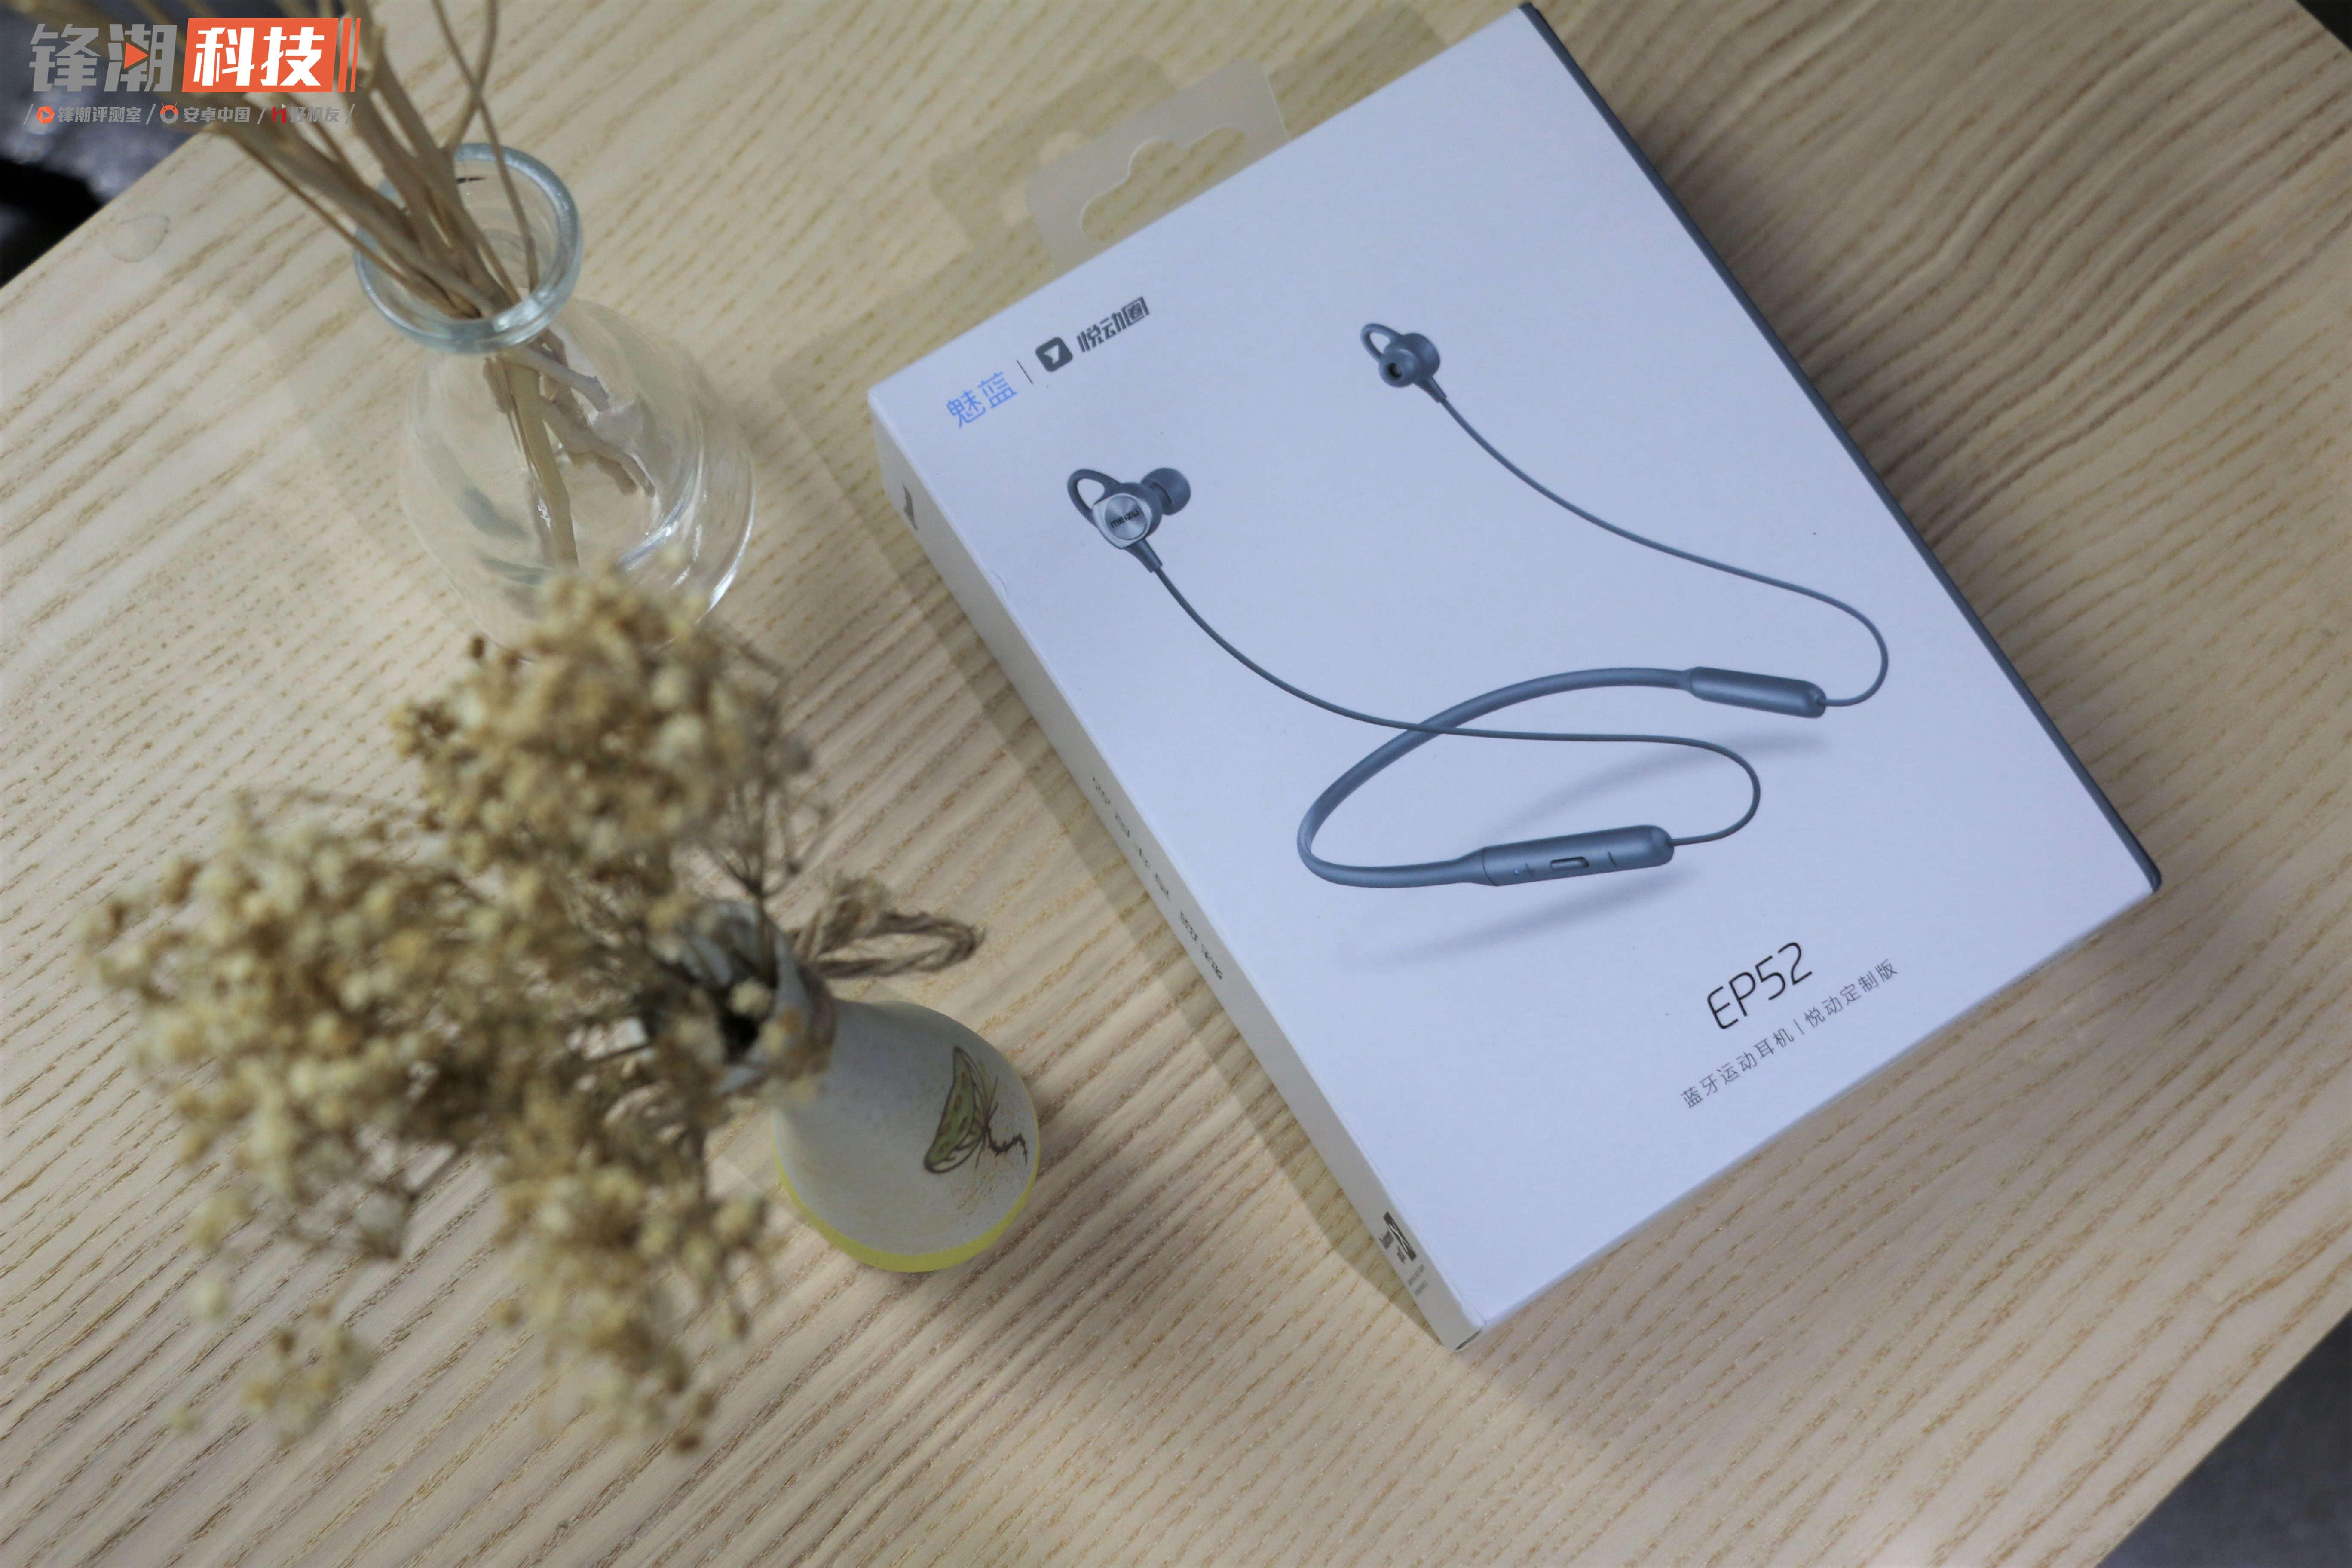 【力皮西】极简「原力灰」,魅蓝EP52蓝牙运动耳机图赏